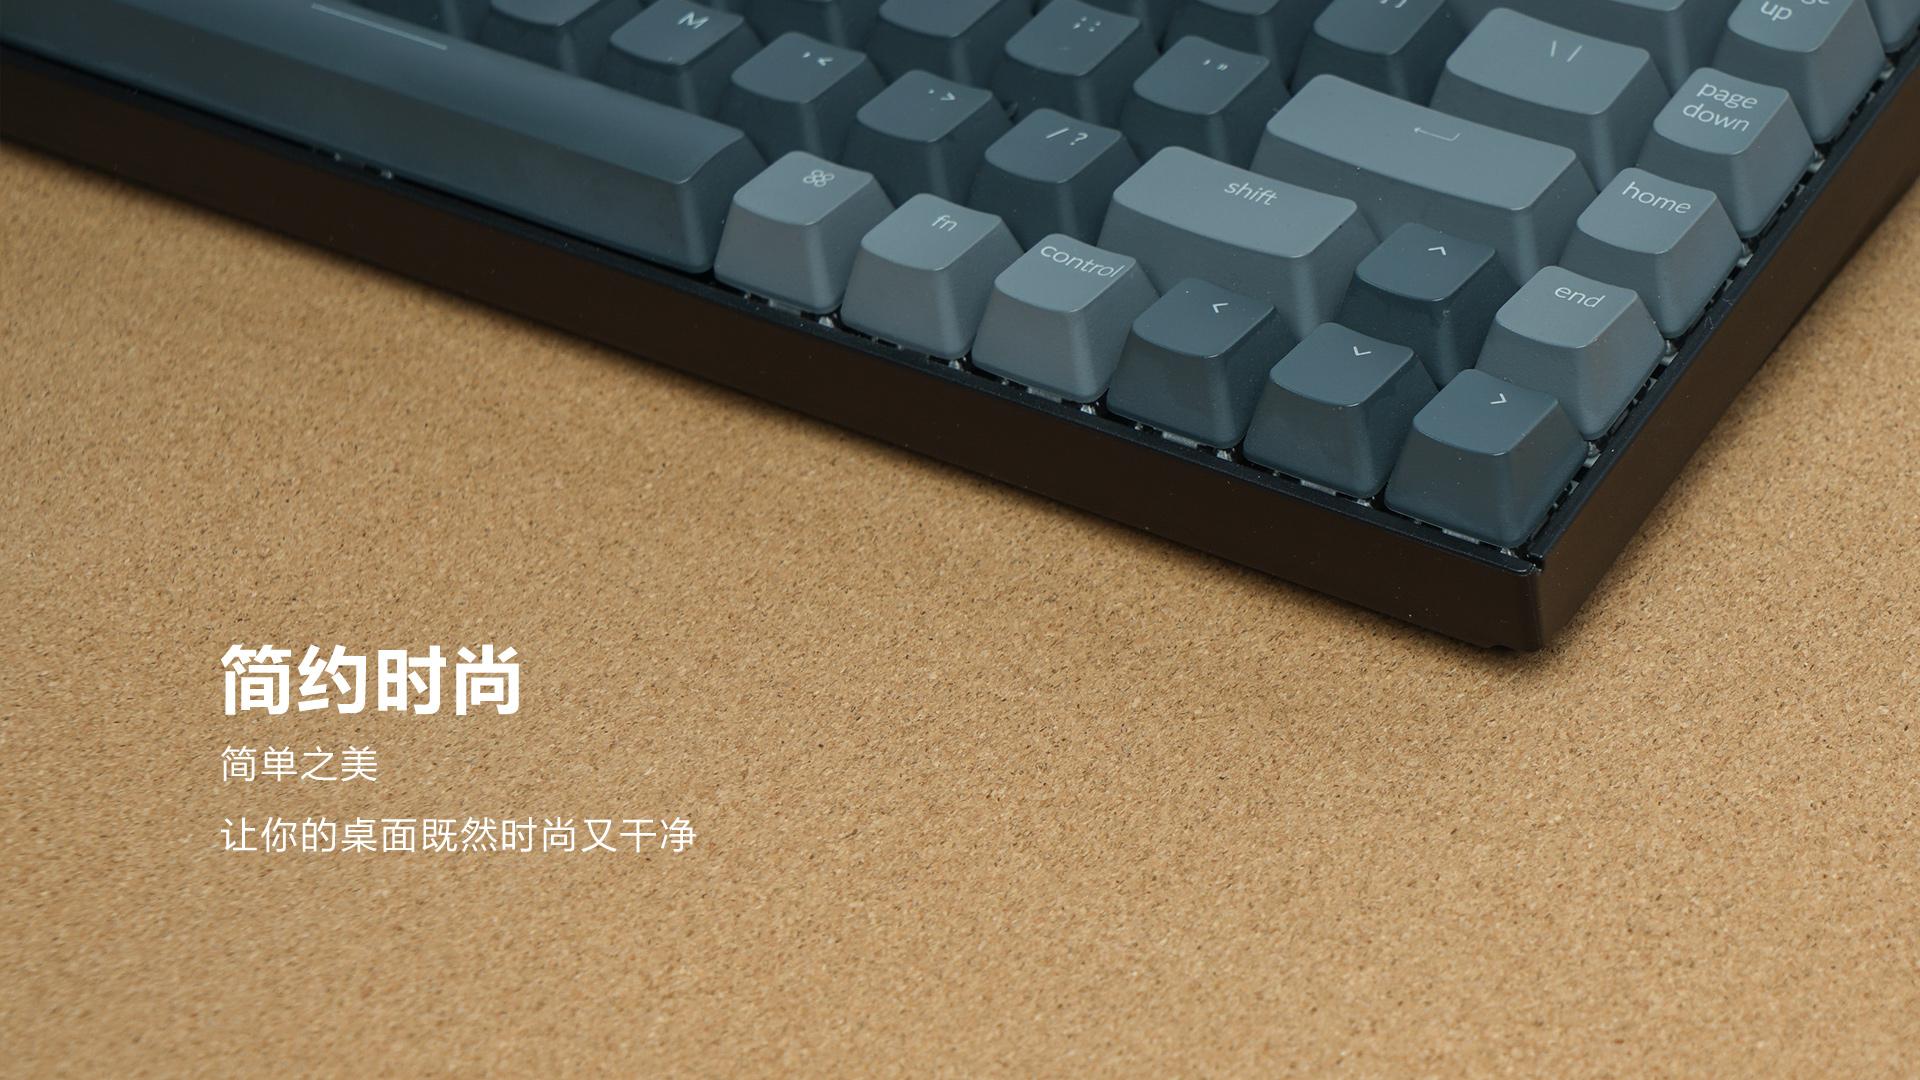 远看是硬实木 其实手感是柔软的皮革的双面桌面鼠标垫  图片 科技 评测 第6张